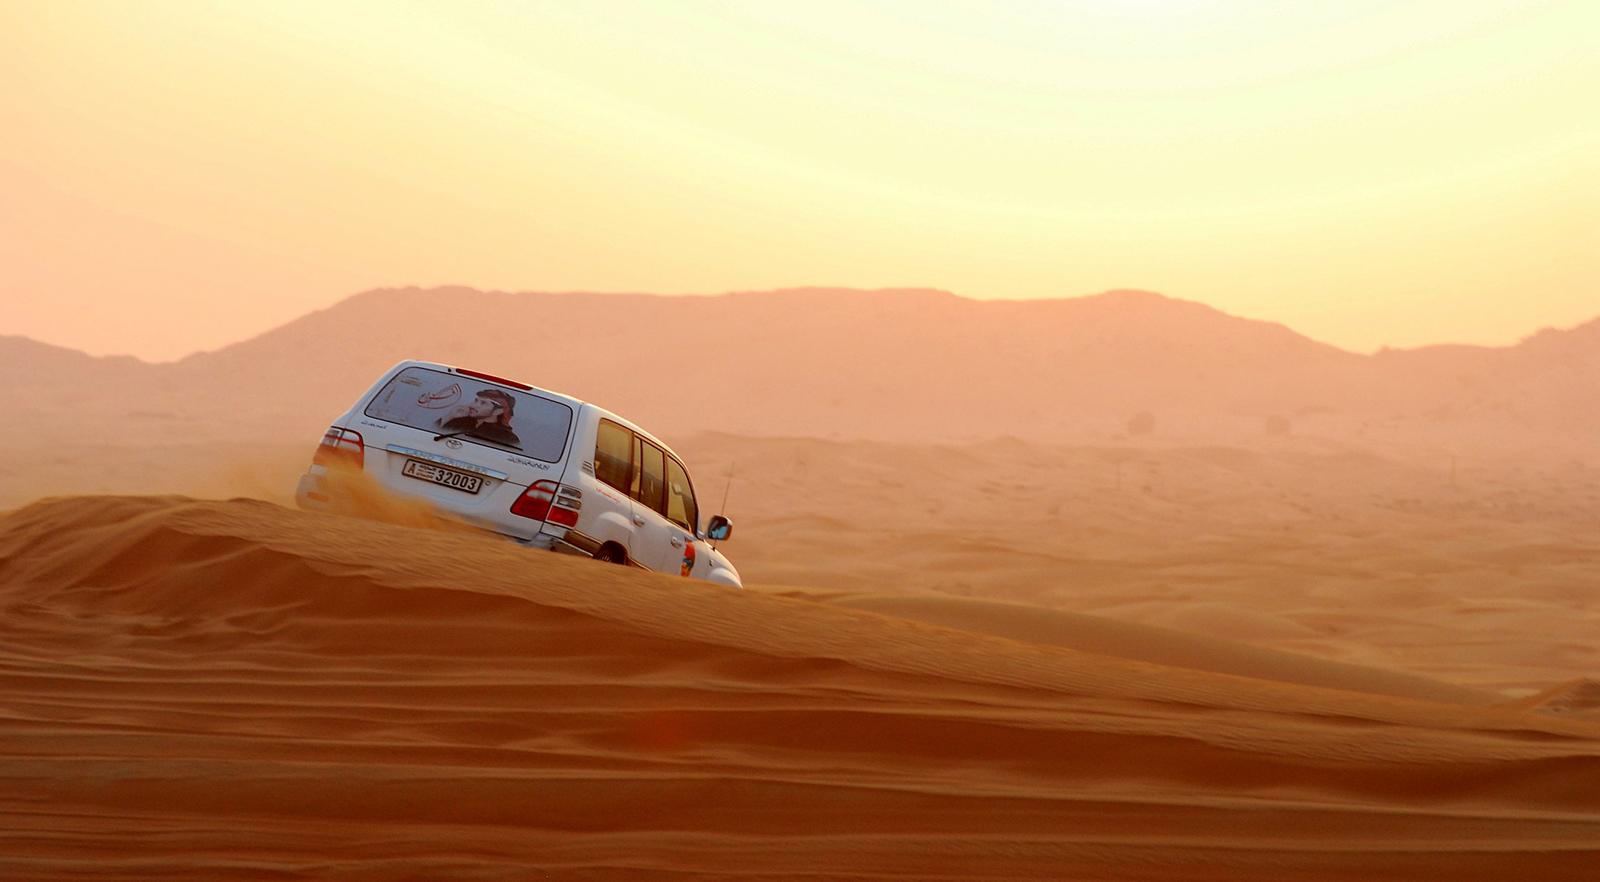 Dubai - Desert 2